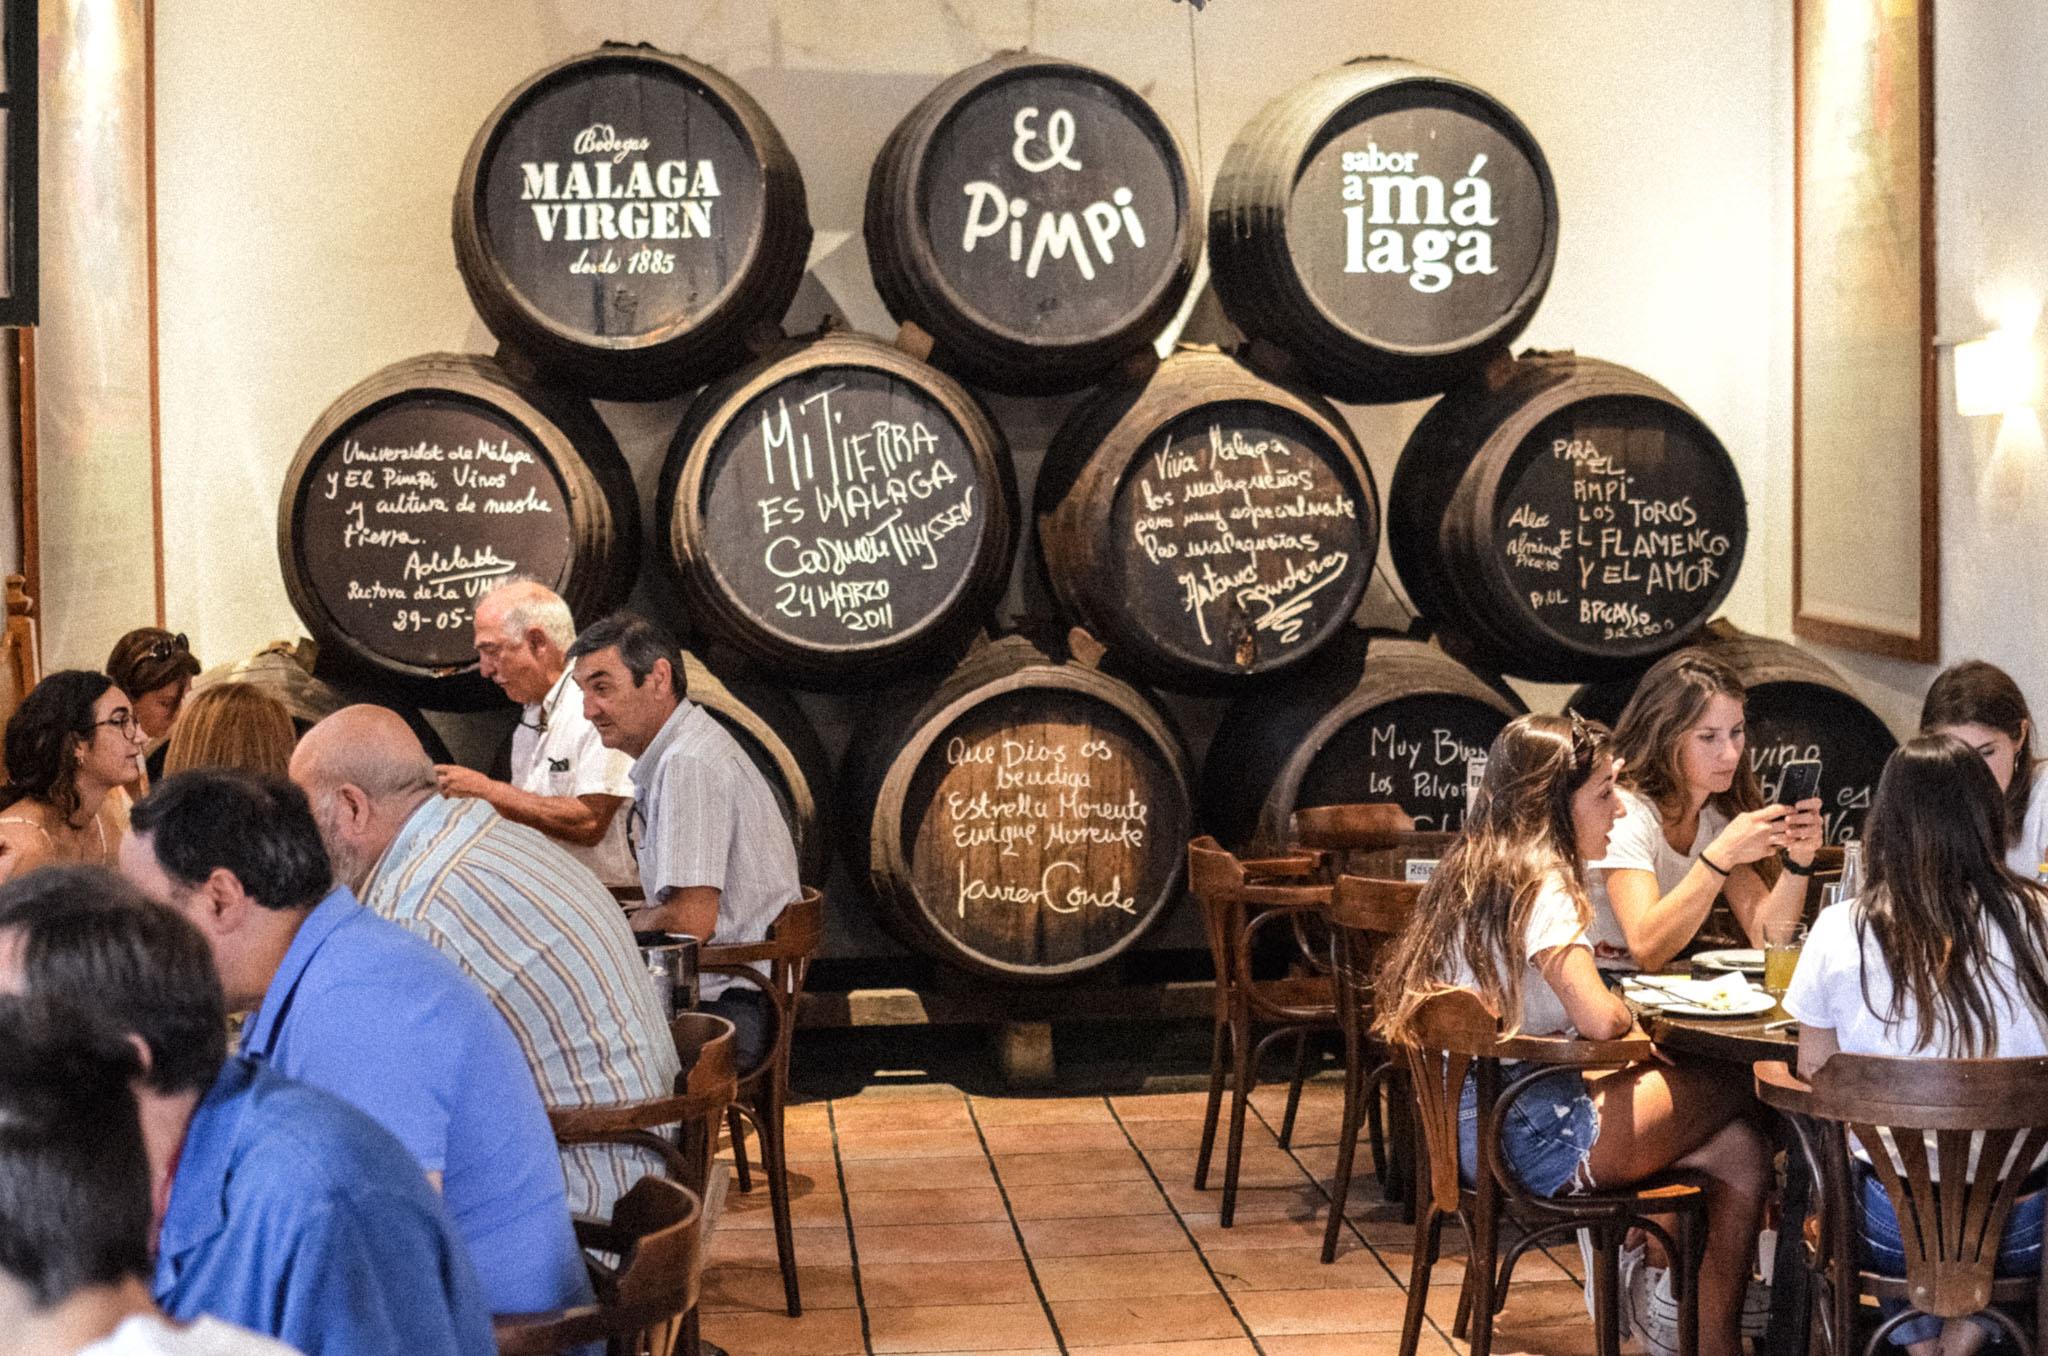 Malagan perinteinen ravintola El Pimpi